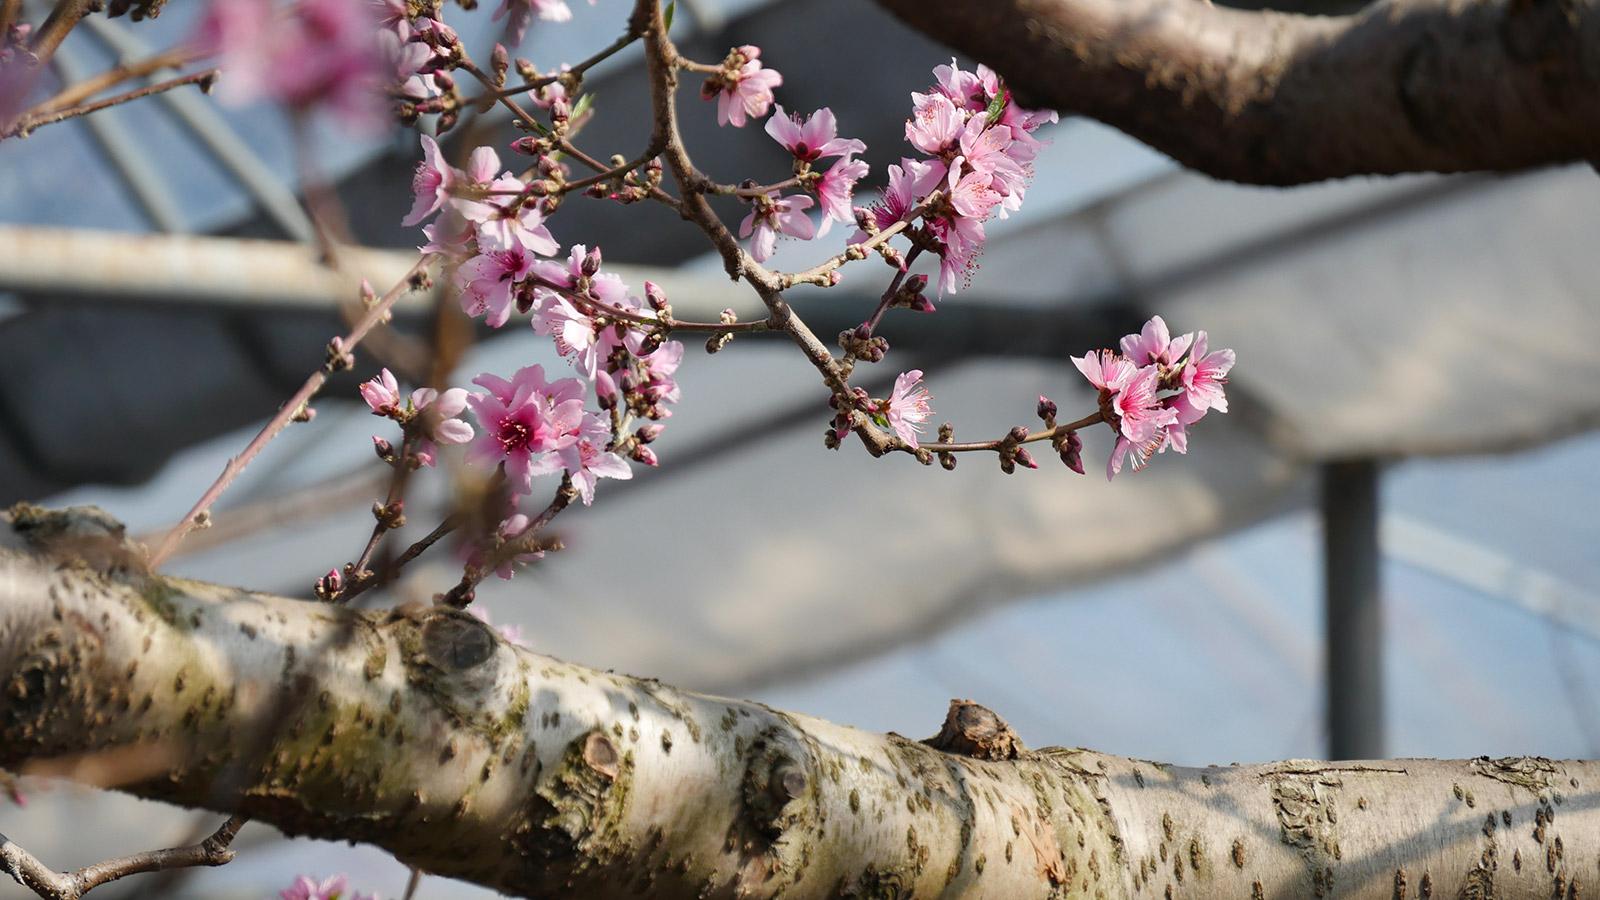 開花状況としては見頃を迎え、しばらくはこちらのハウス桃園でお花見が楽しめます。